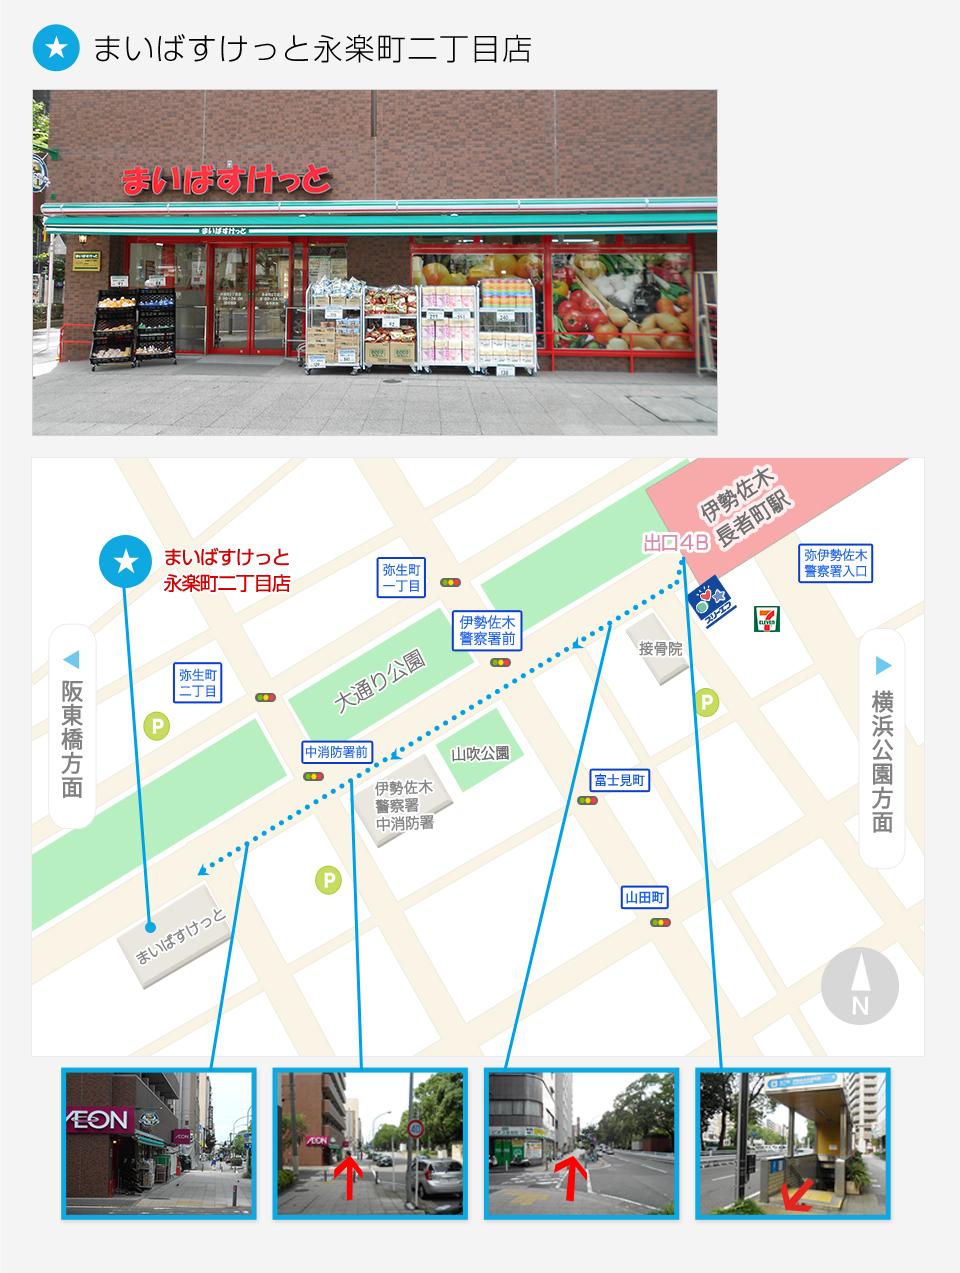 横浜店待ち合わせ地図 まいばすけっと前